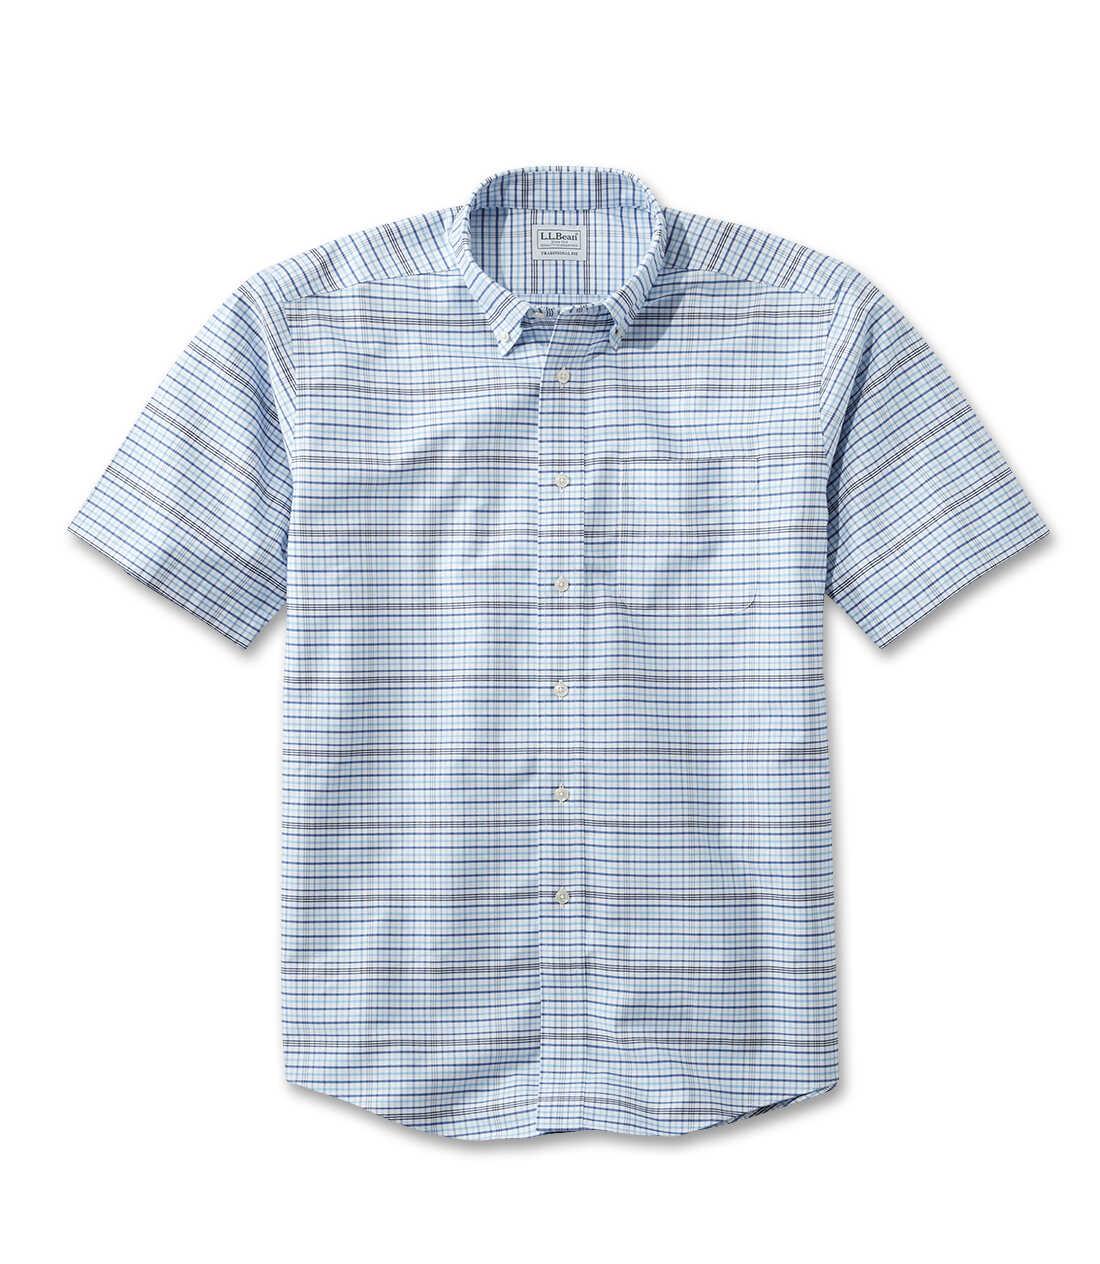 リンクルフリー(形態安定)・クラシック・オックスフォード・クロス・シャツ、半袖 タターソル